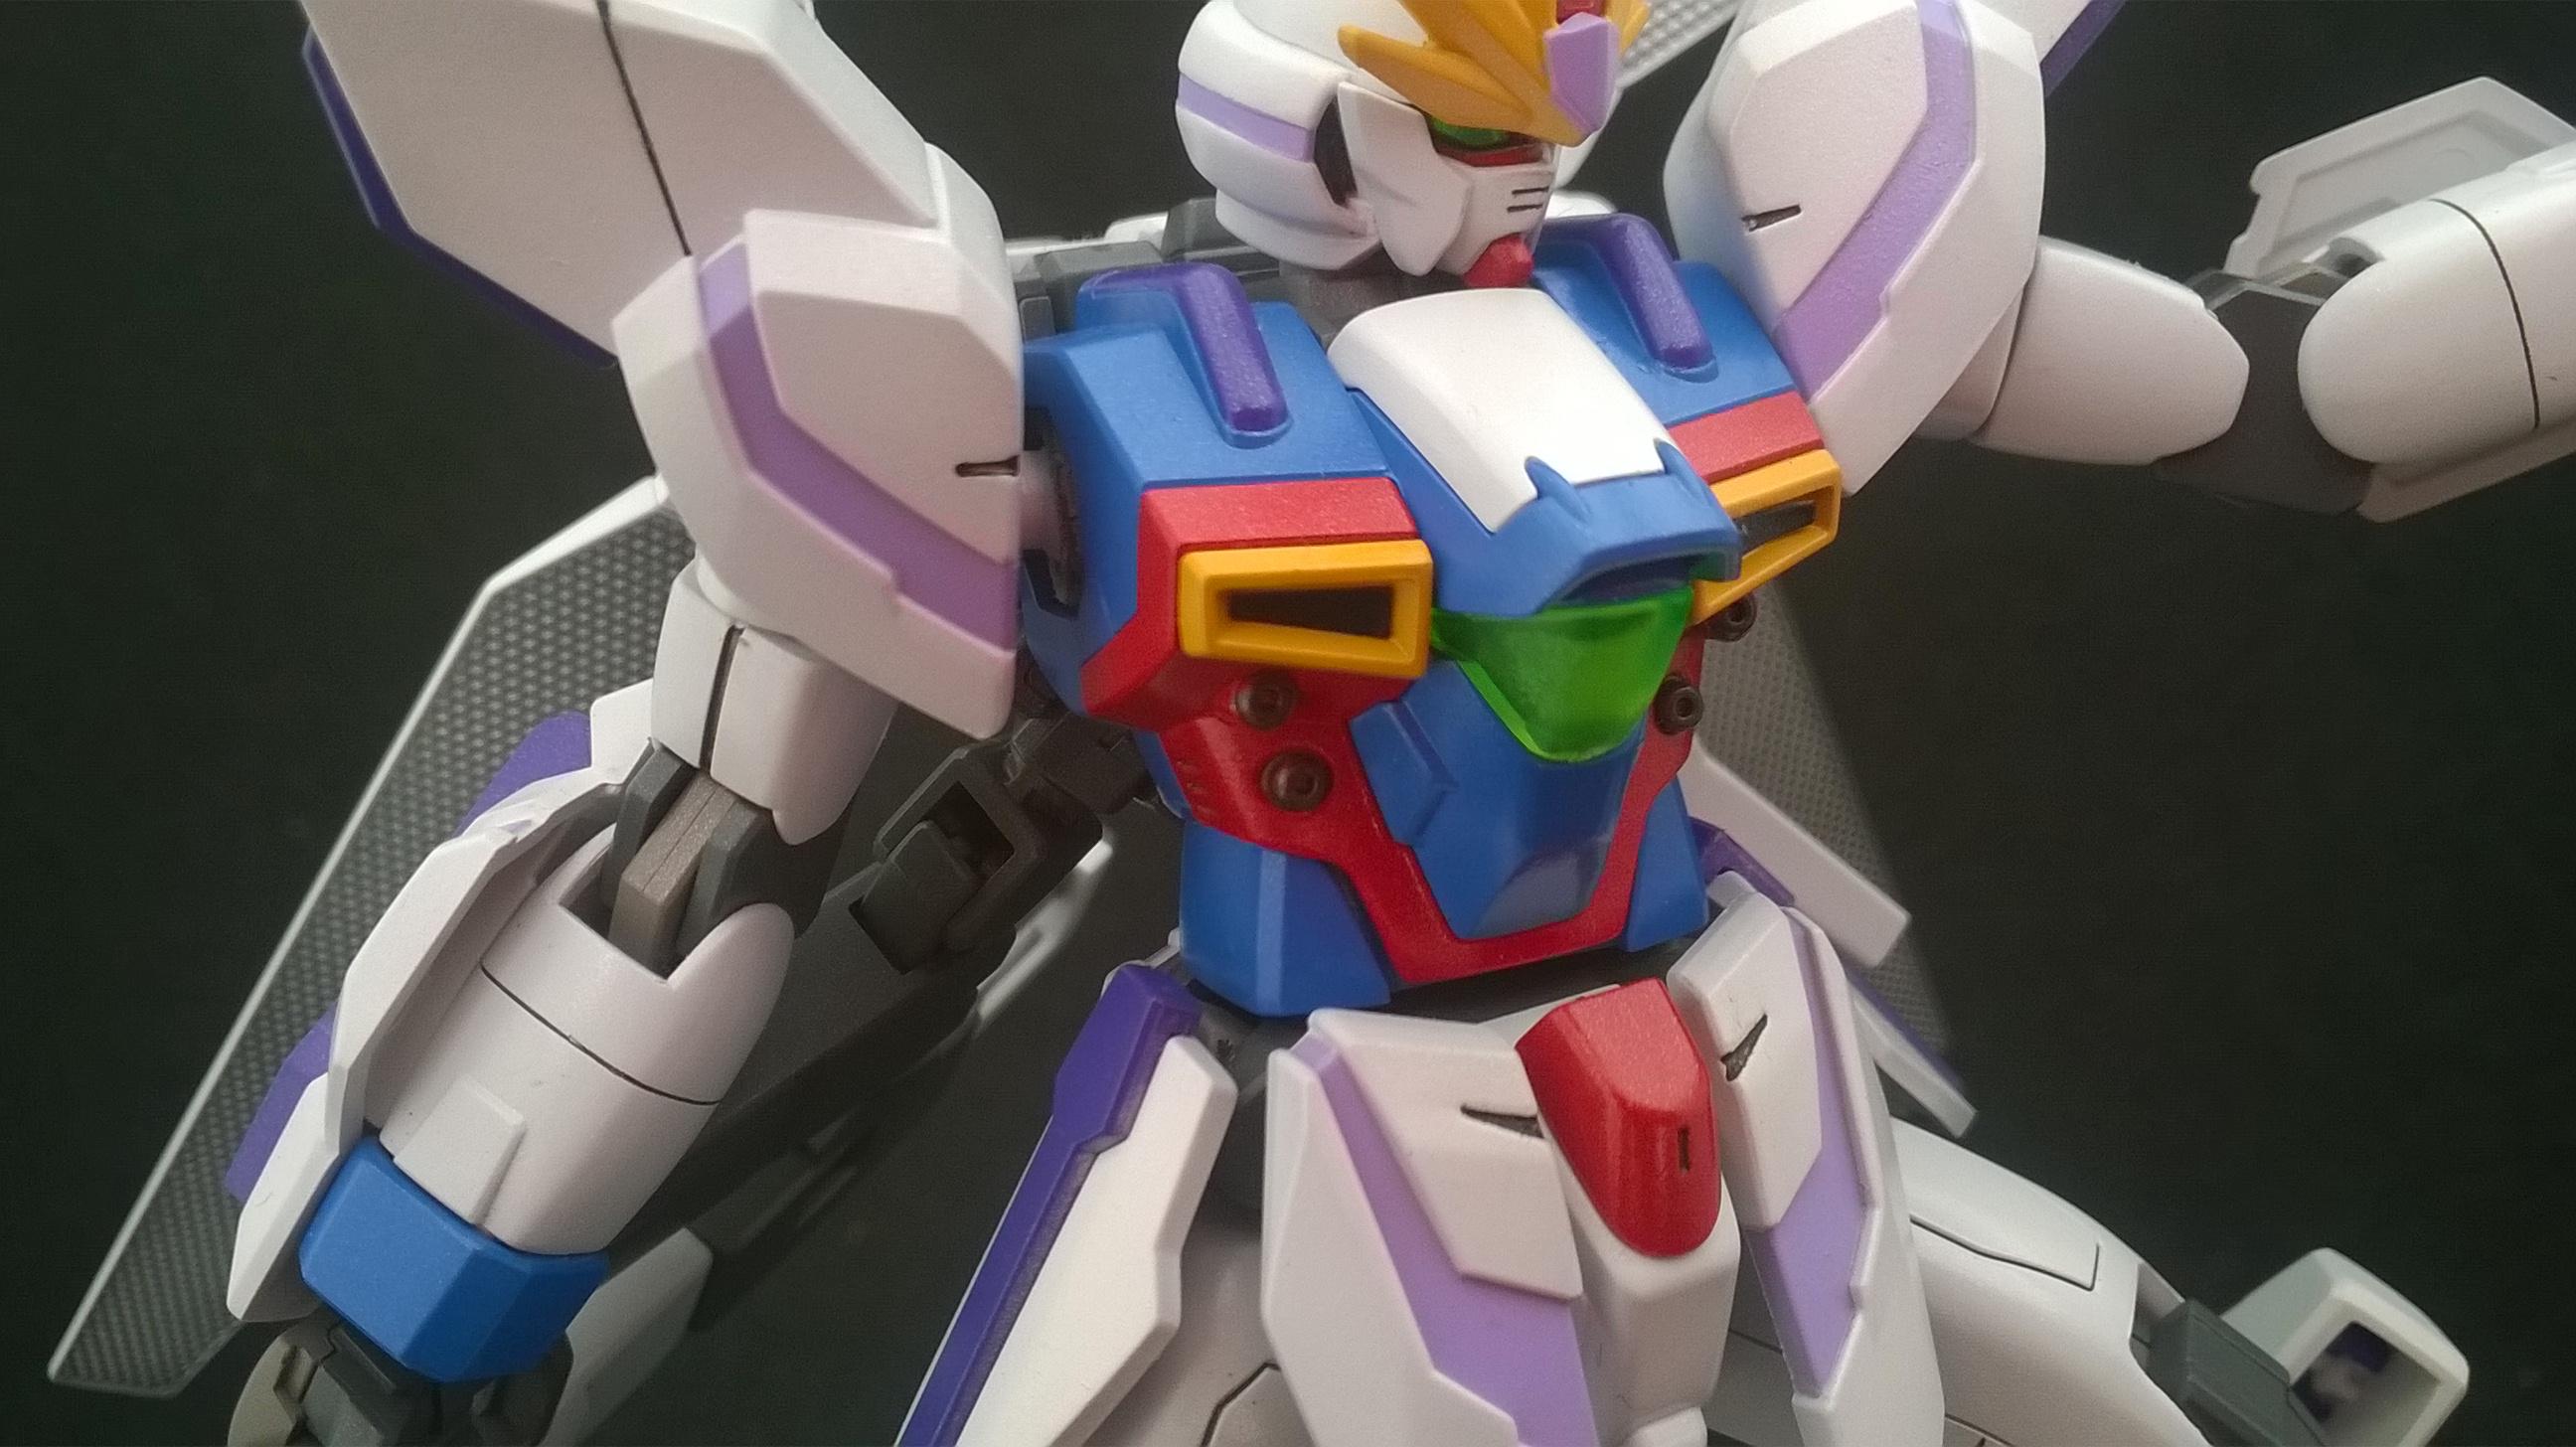 10+ Hg Gundam X Jumaoh Image Download